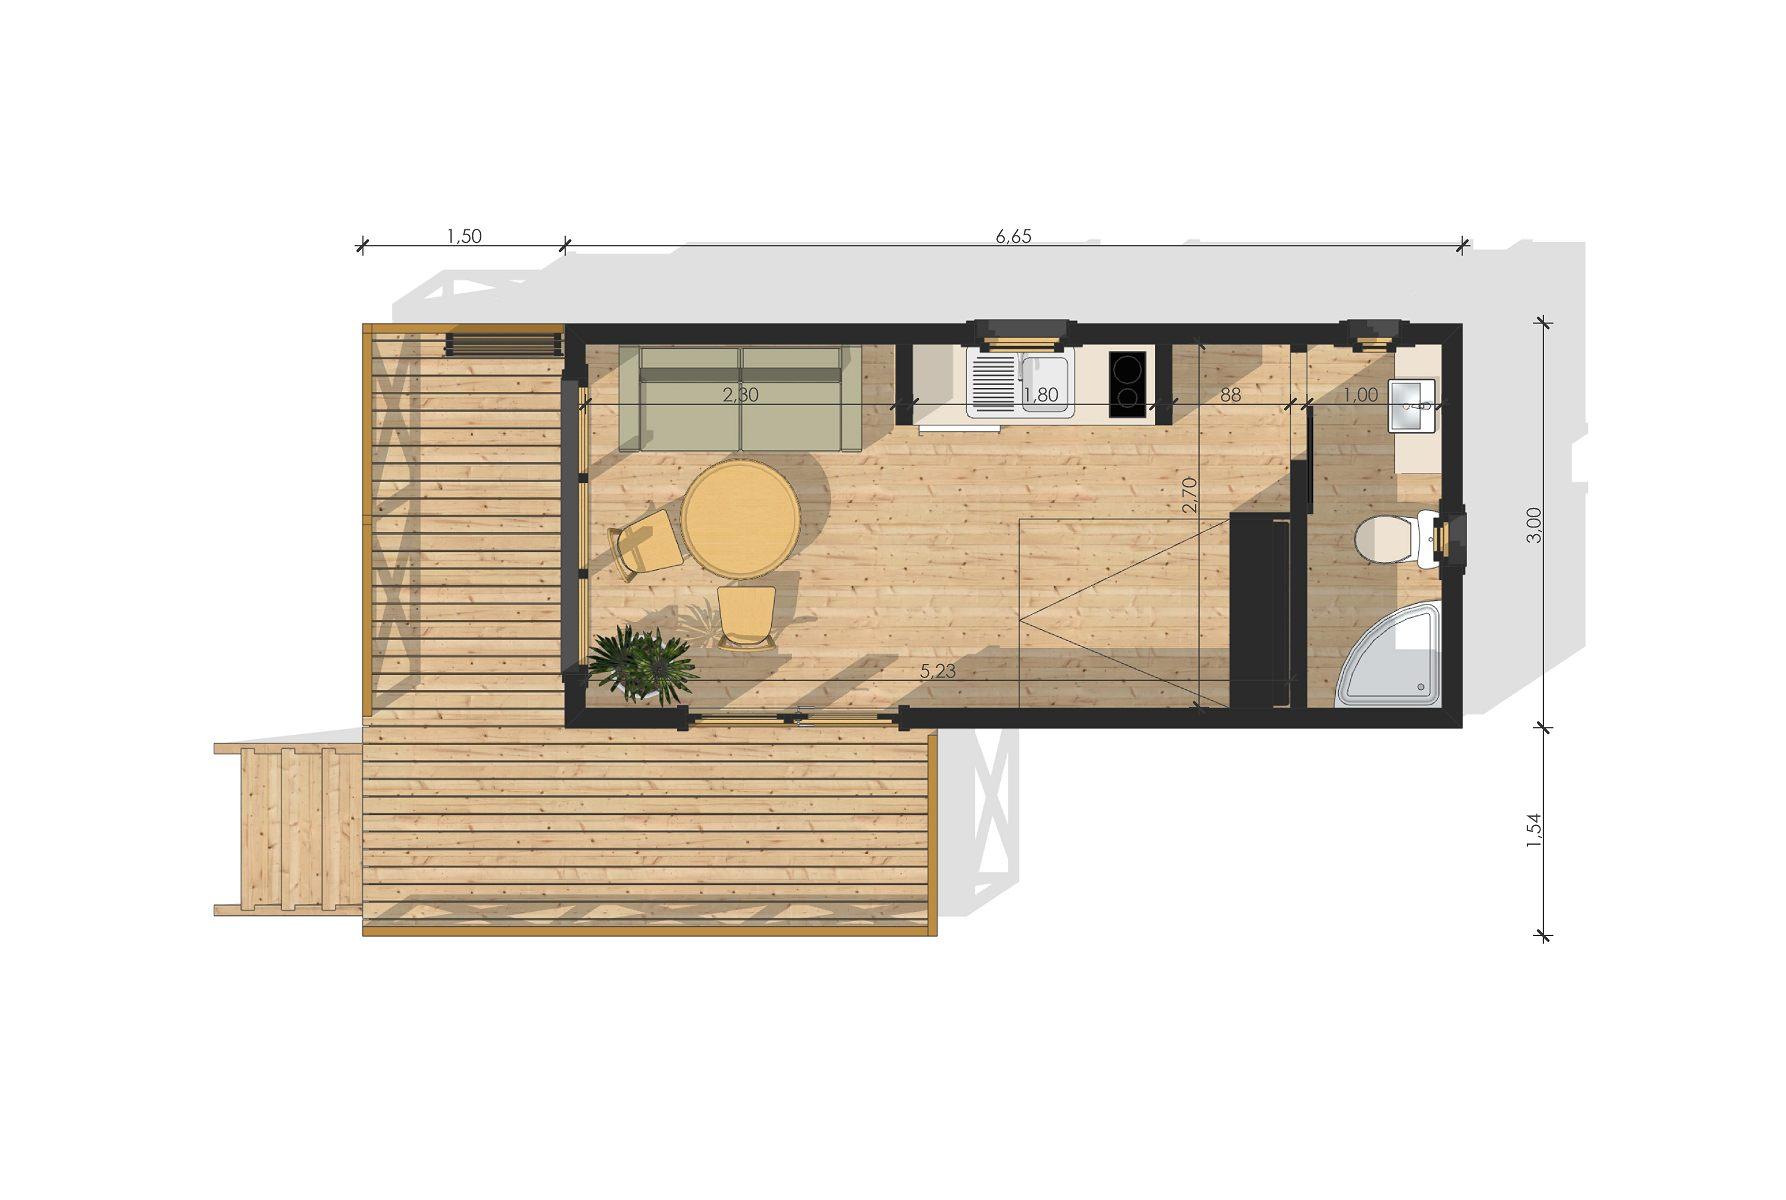 Maison De Jardin Avec Ossature Bois 20 M² Yvelines 20 M² ... encequiconcerne Studio De Jardin Prix